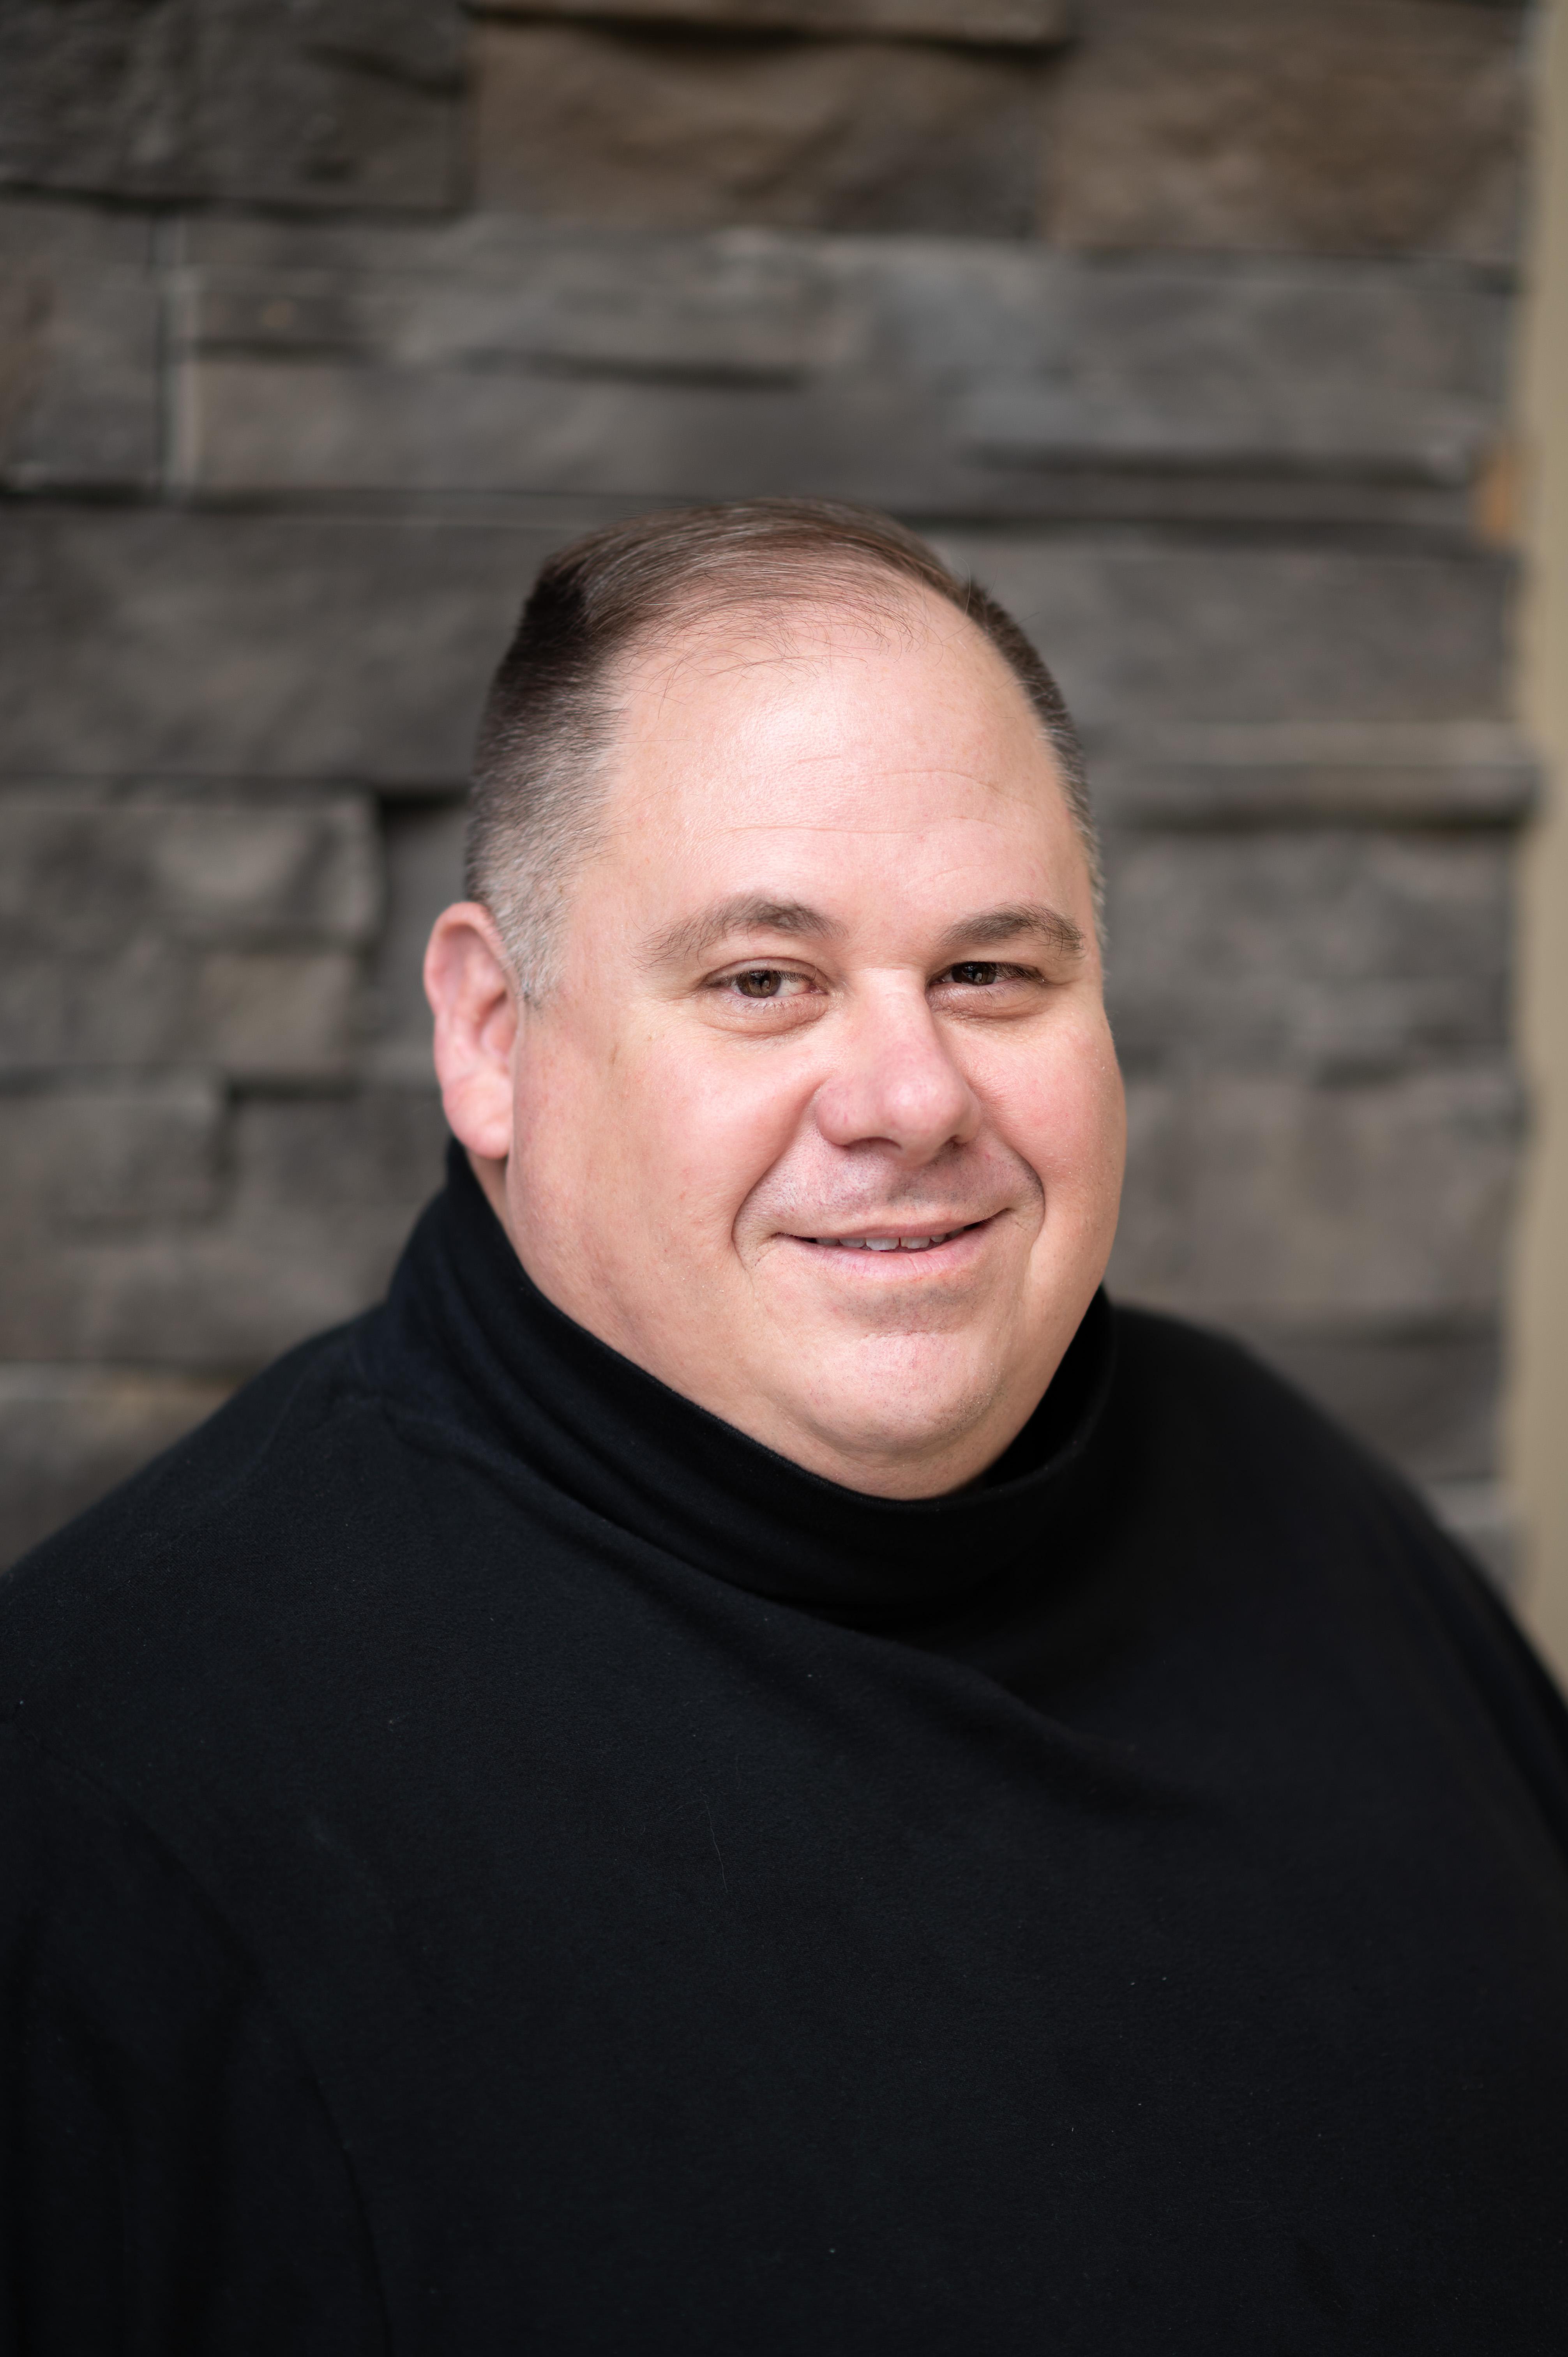 Mark Hinkle